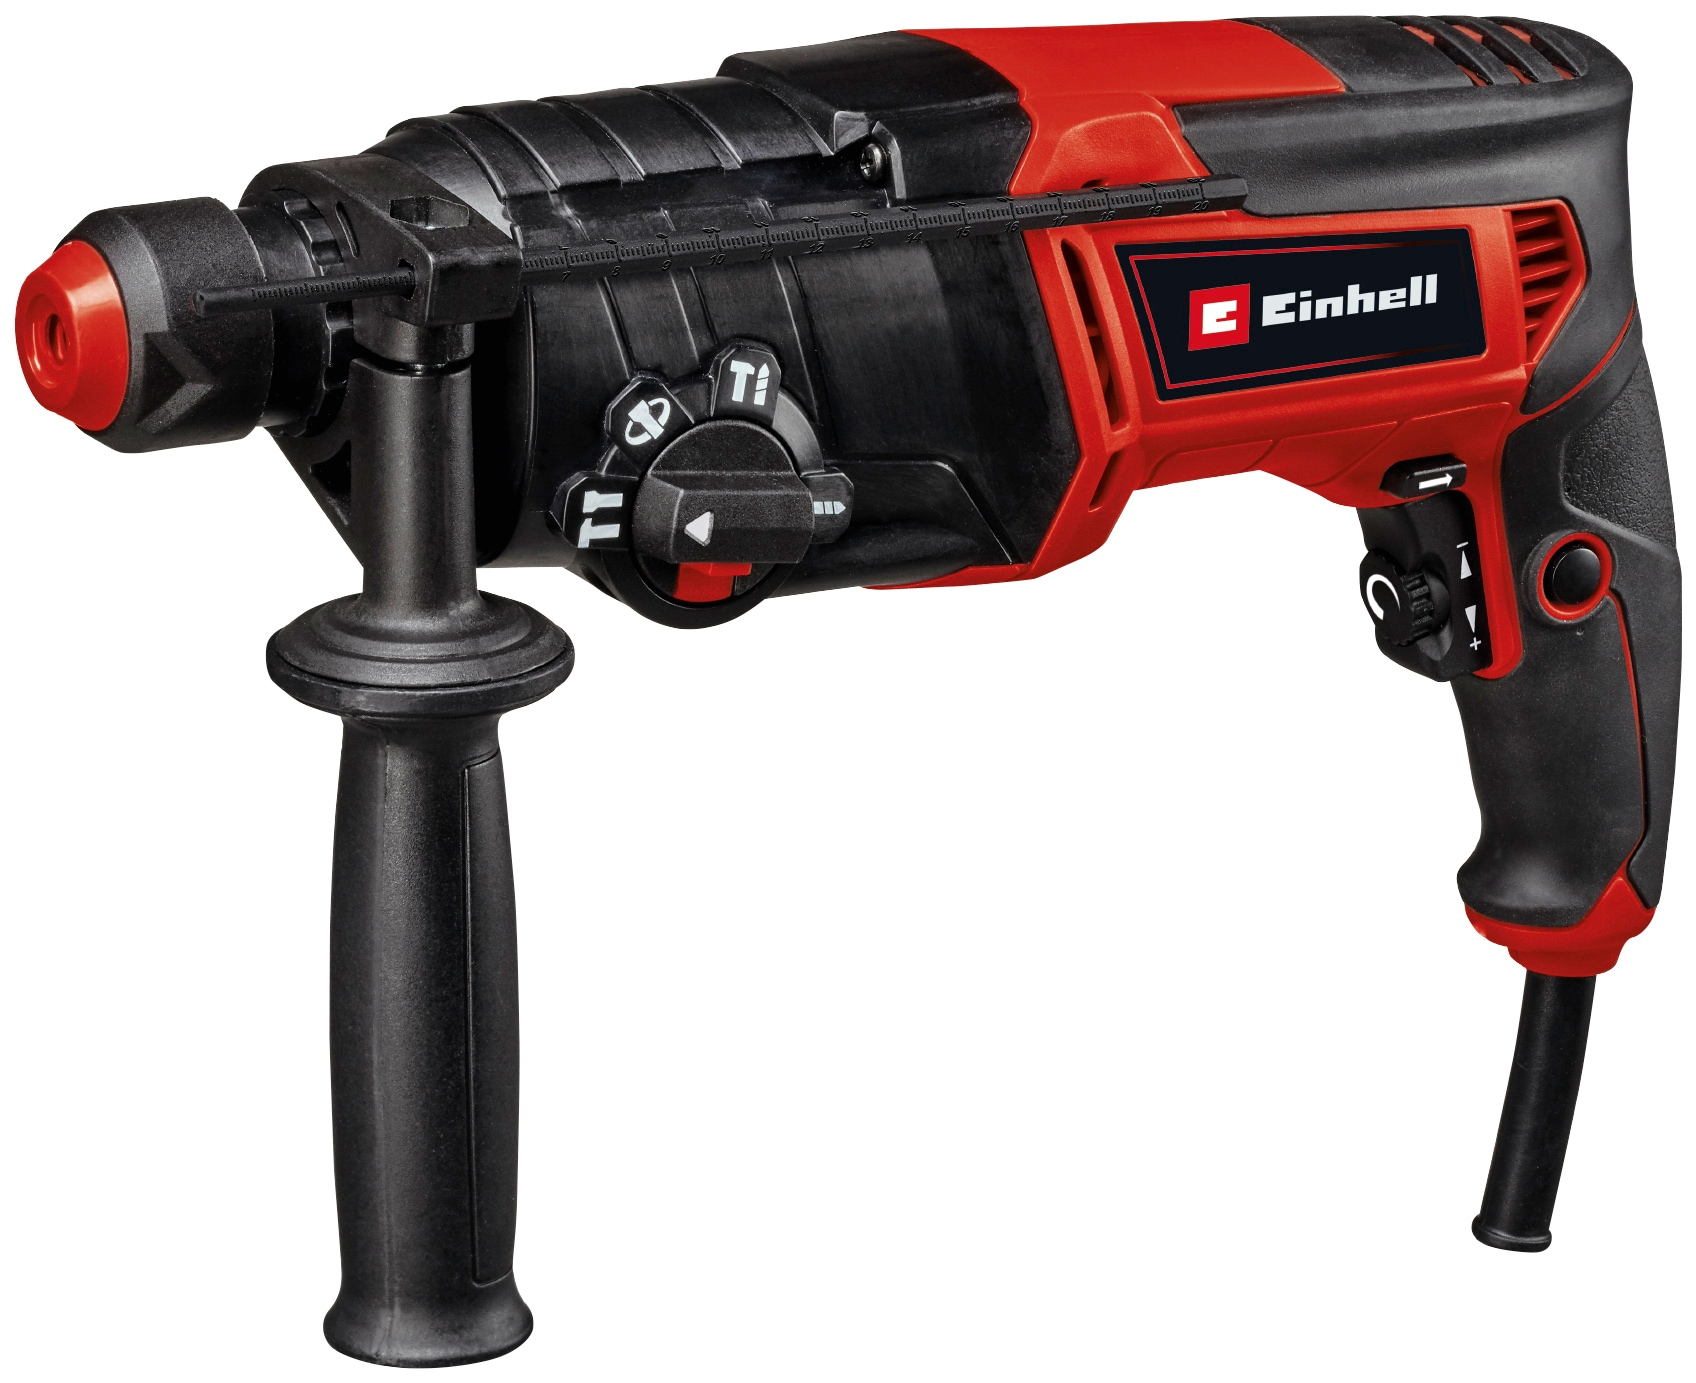 Einhell Bohrhammer TC-RH 800 4F, (2 tlg.) rot Bohrmaschinen Werkzeug Maschinen